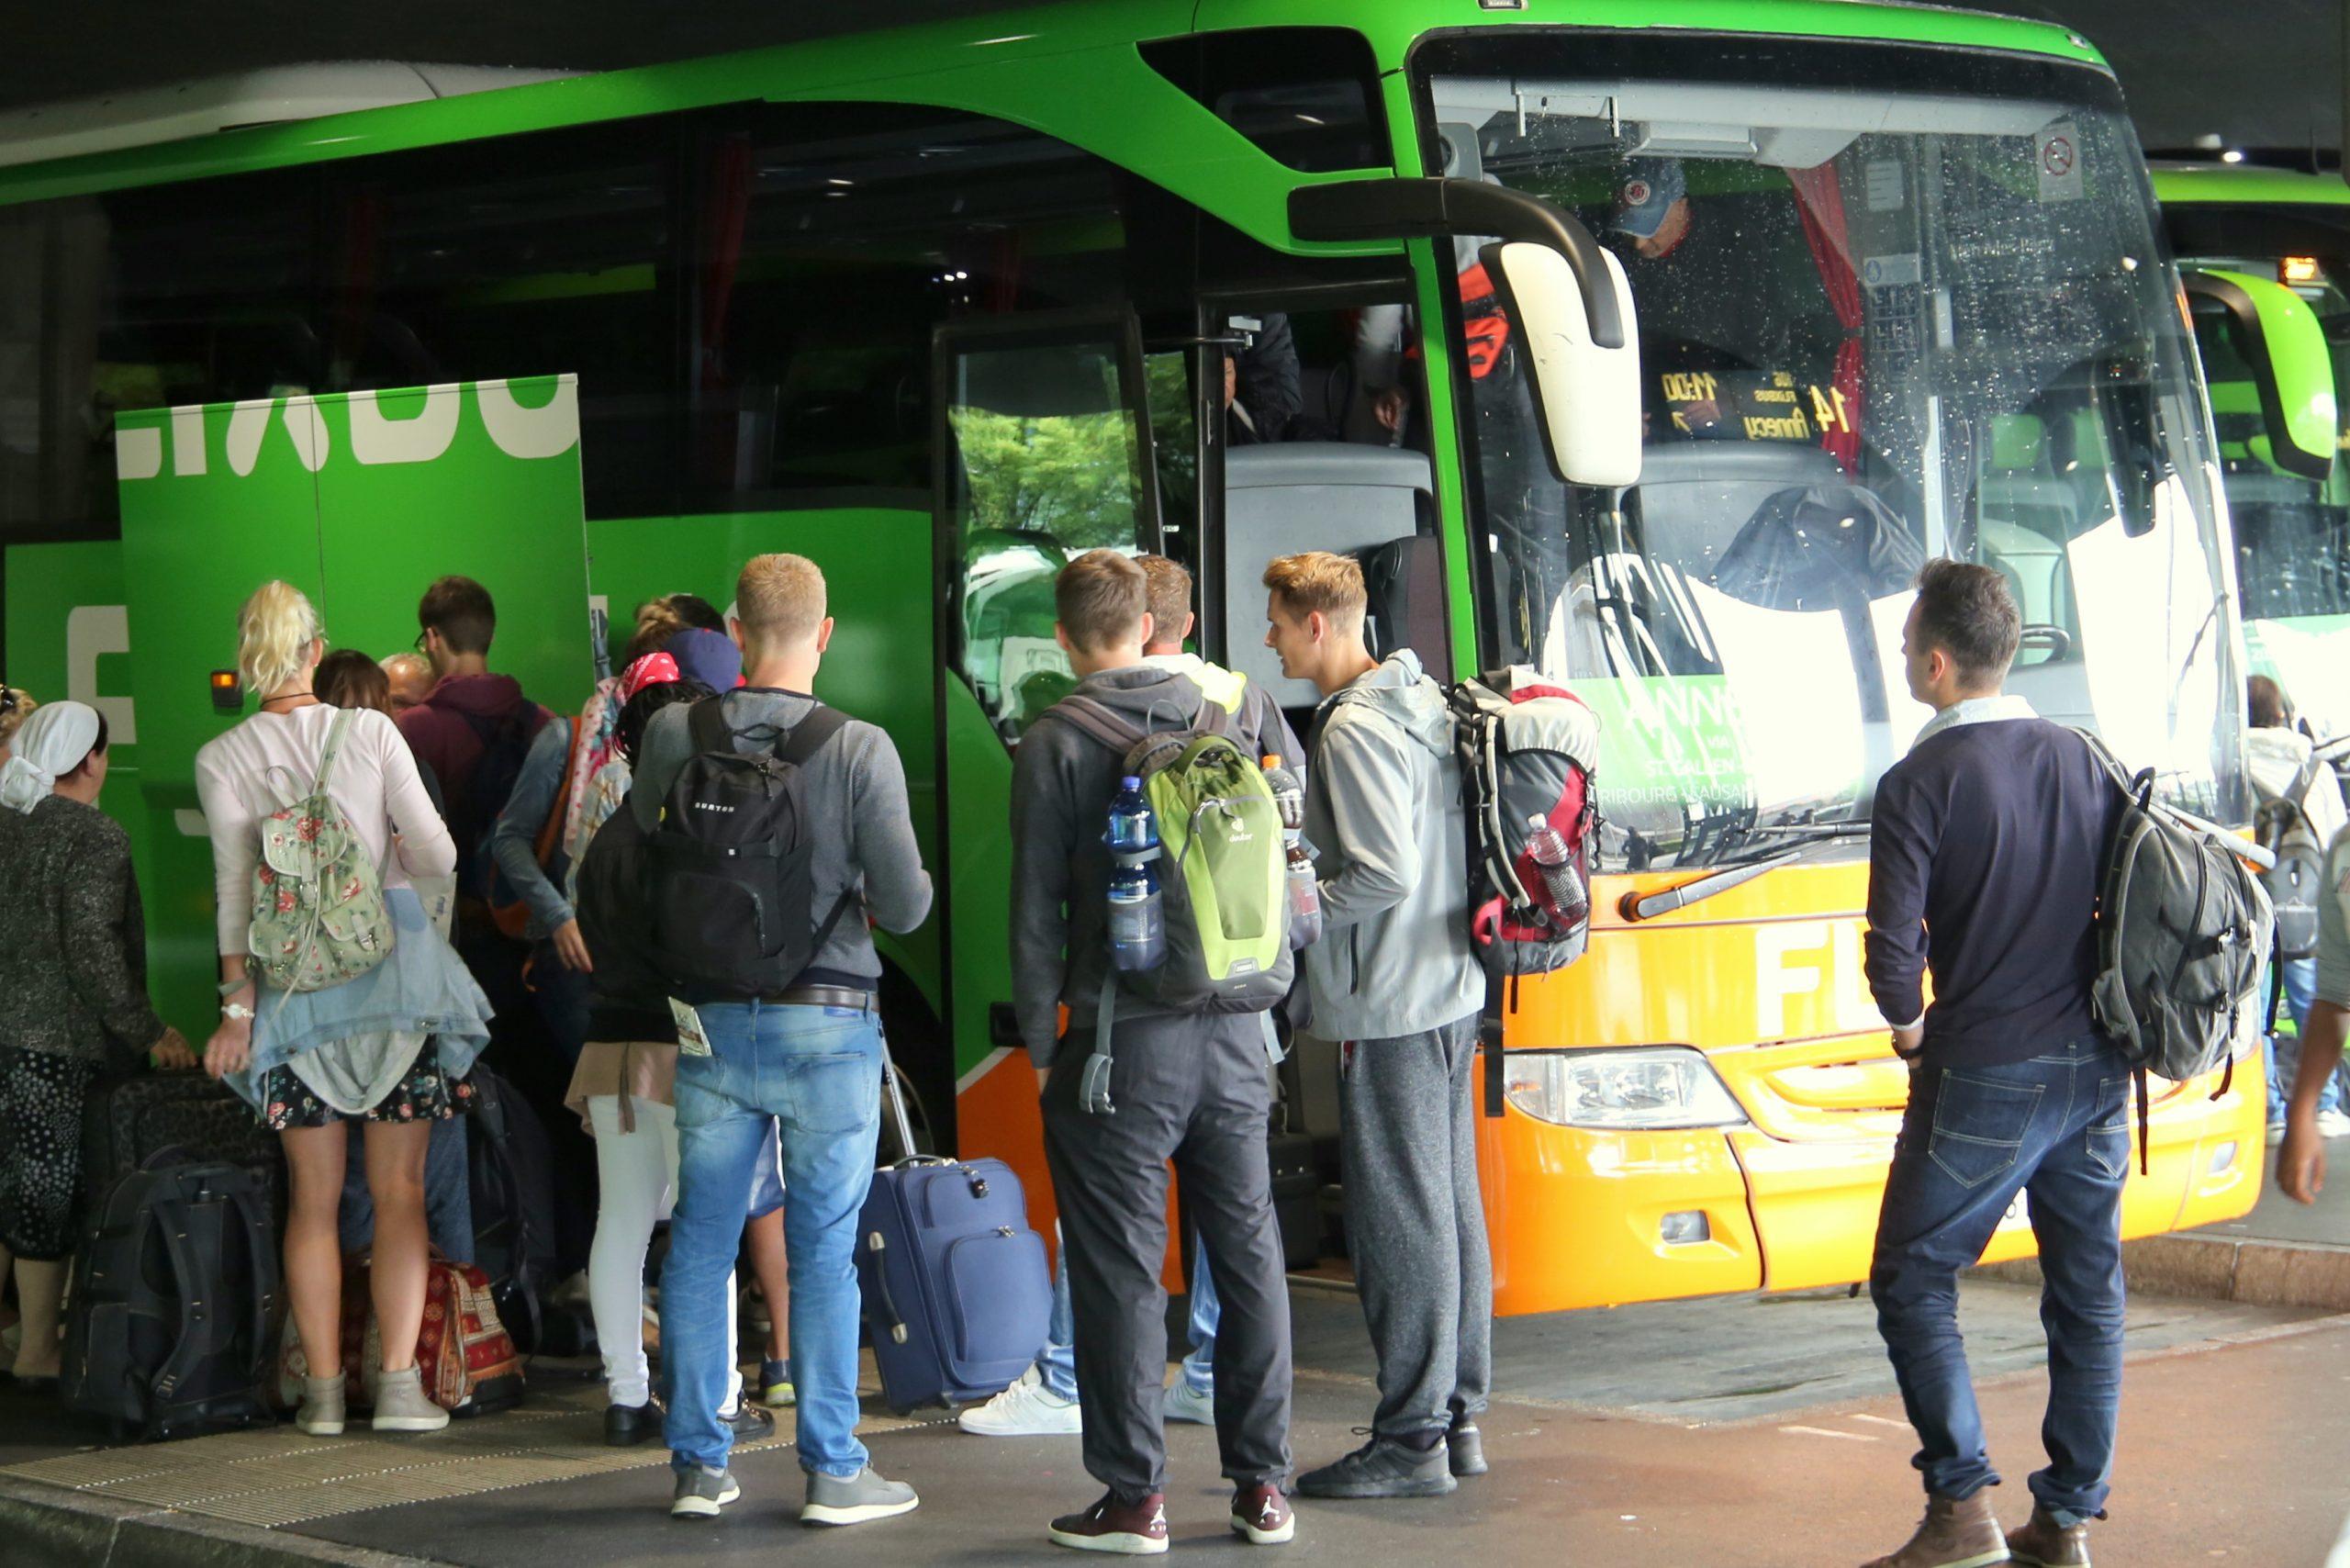 København var sidste år den 15. bedst sælgende destination i Europa hos FlixBus, der i snit har 400.000 daglige forbindelser til over 2.500 destinationer i 30 lande. Pressefoto: Flixbus.